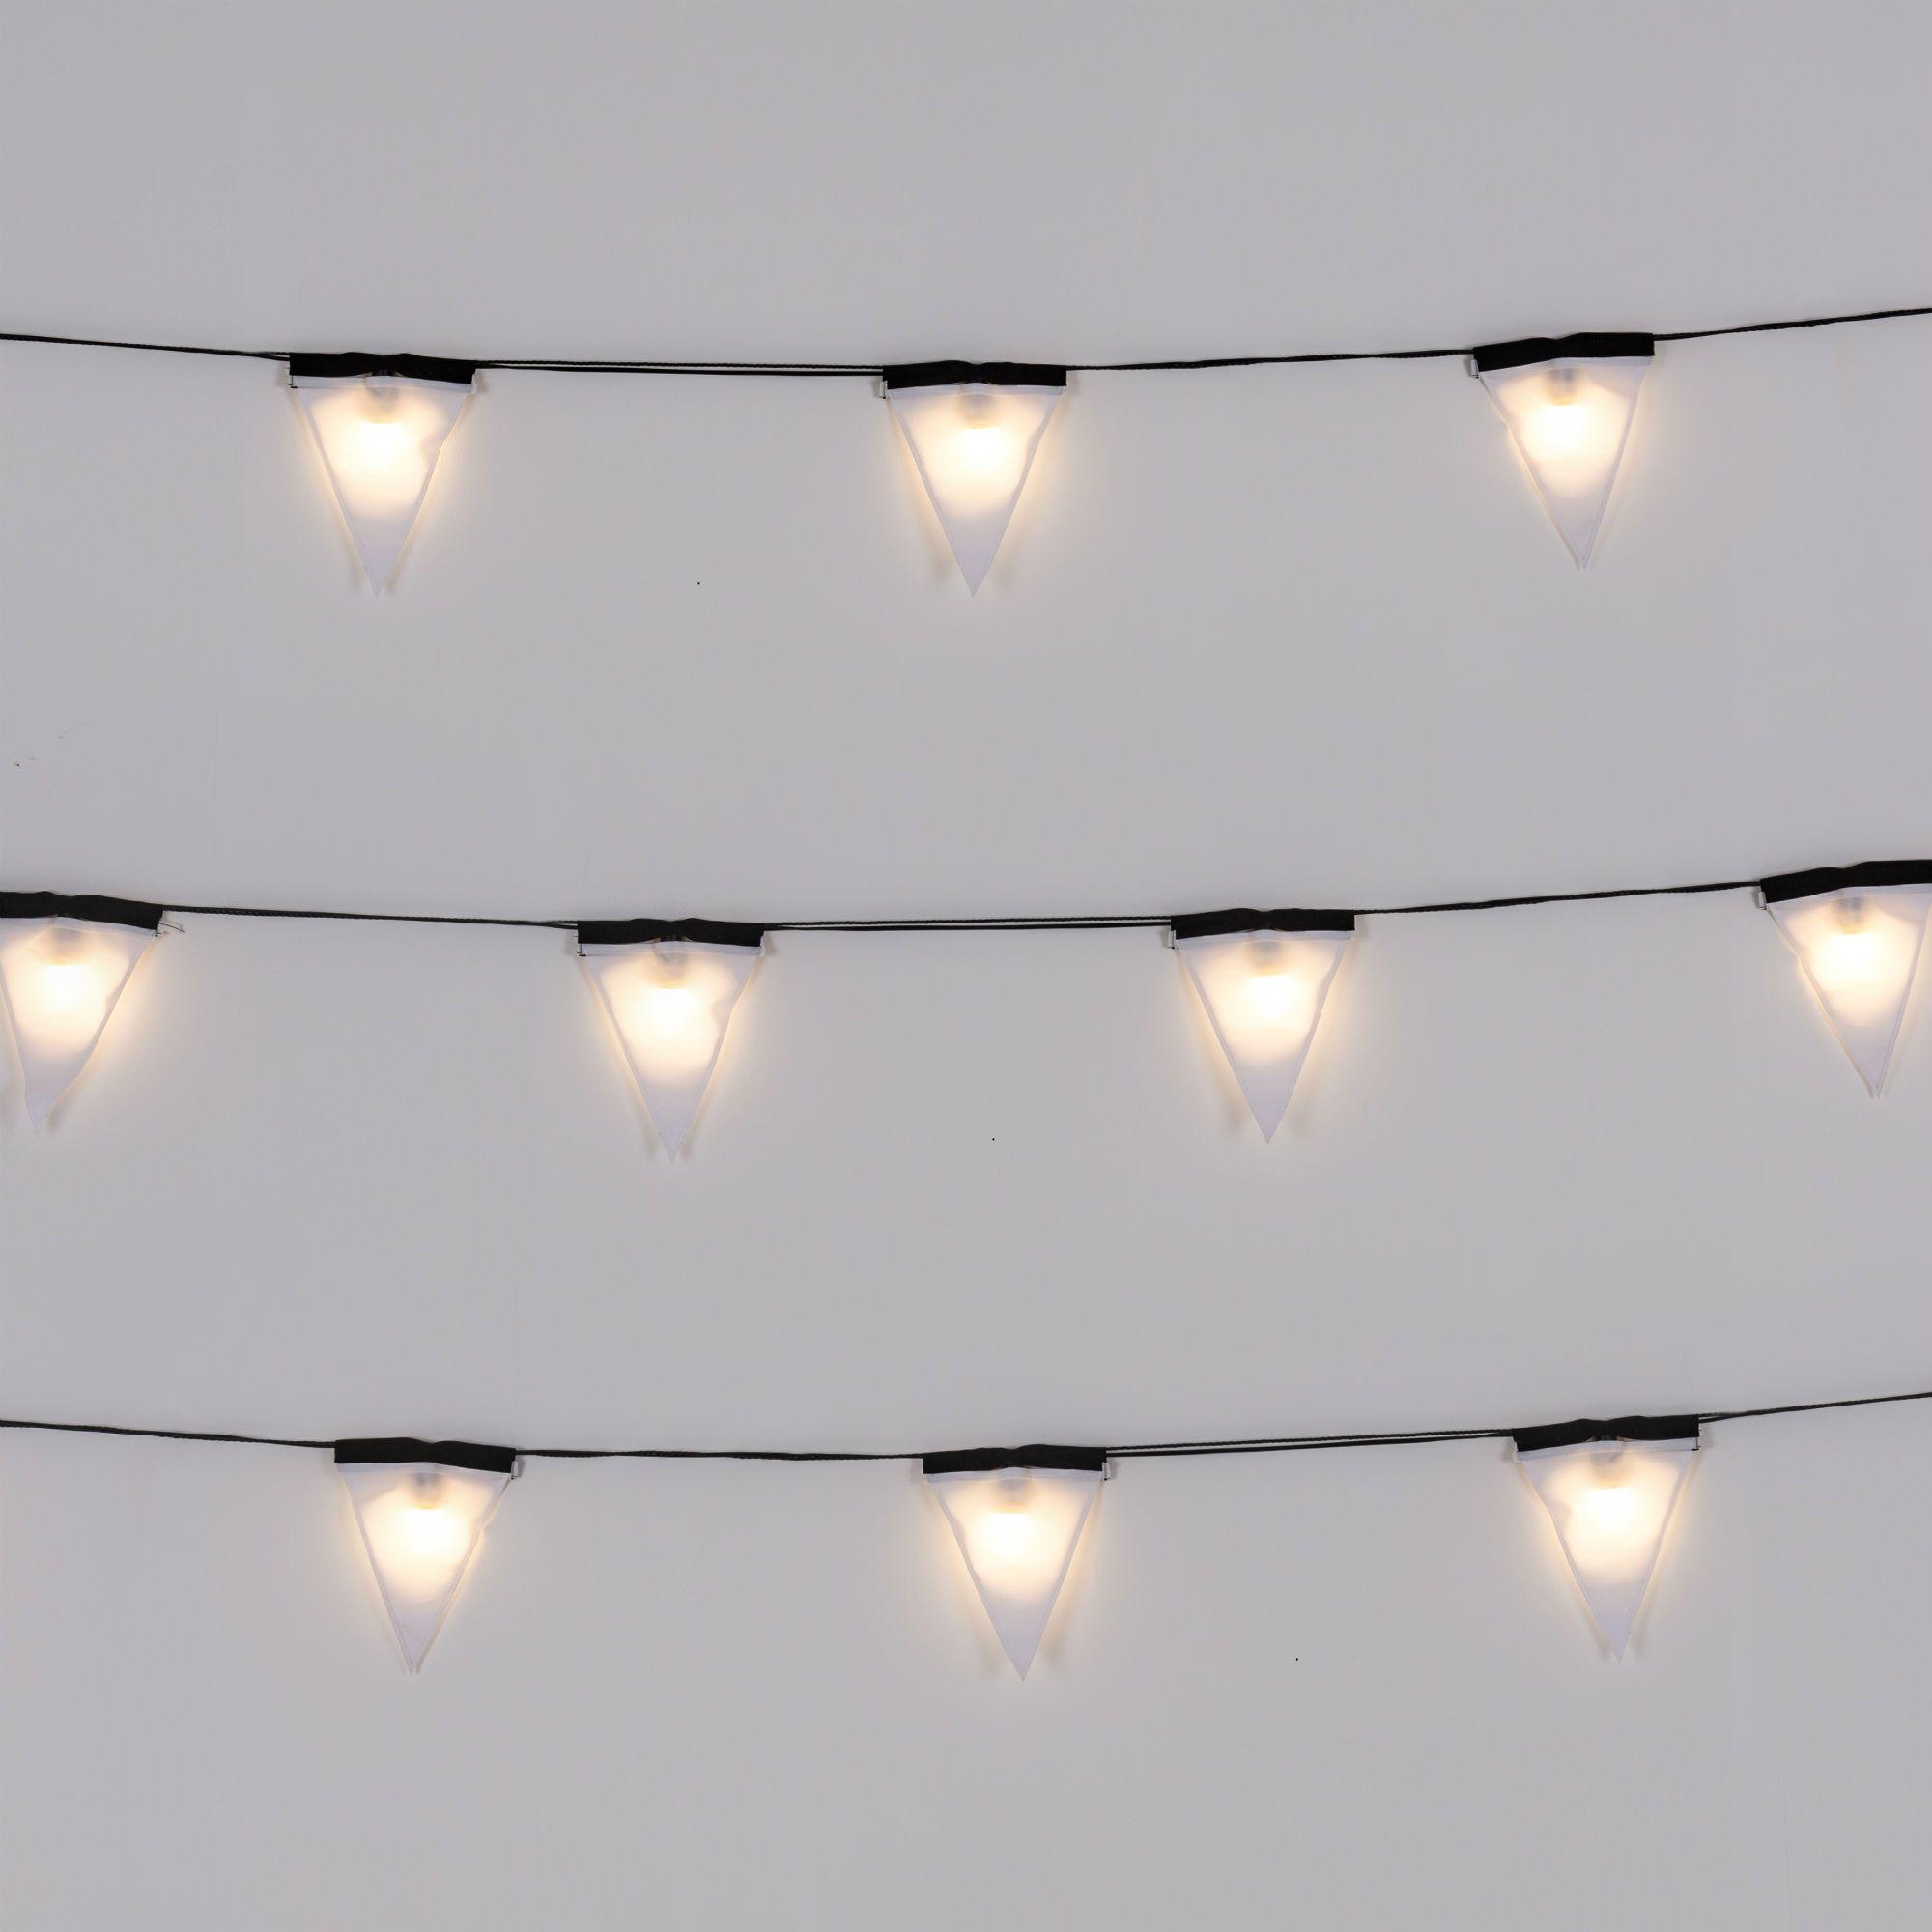 Guirlande Lumineuse Fanions d exterieur LED Blanc L4 5m SAGRA